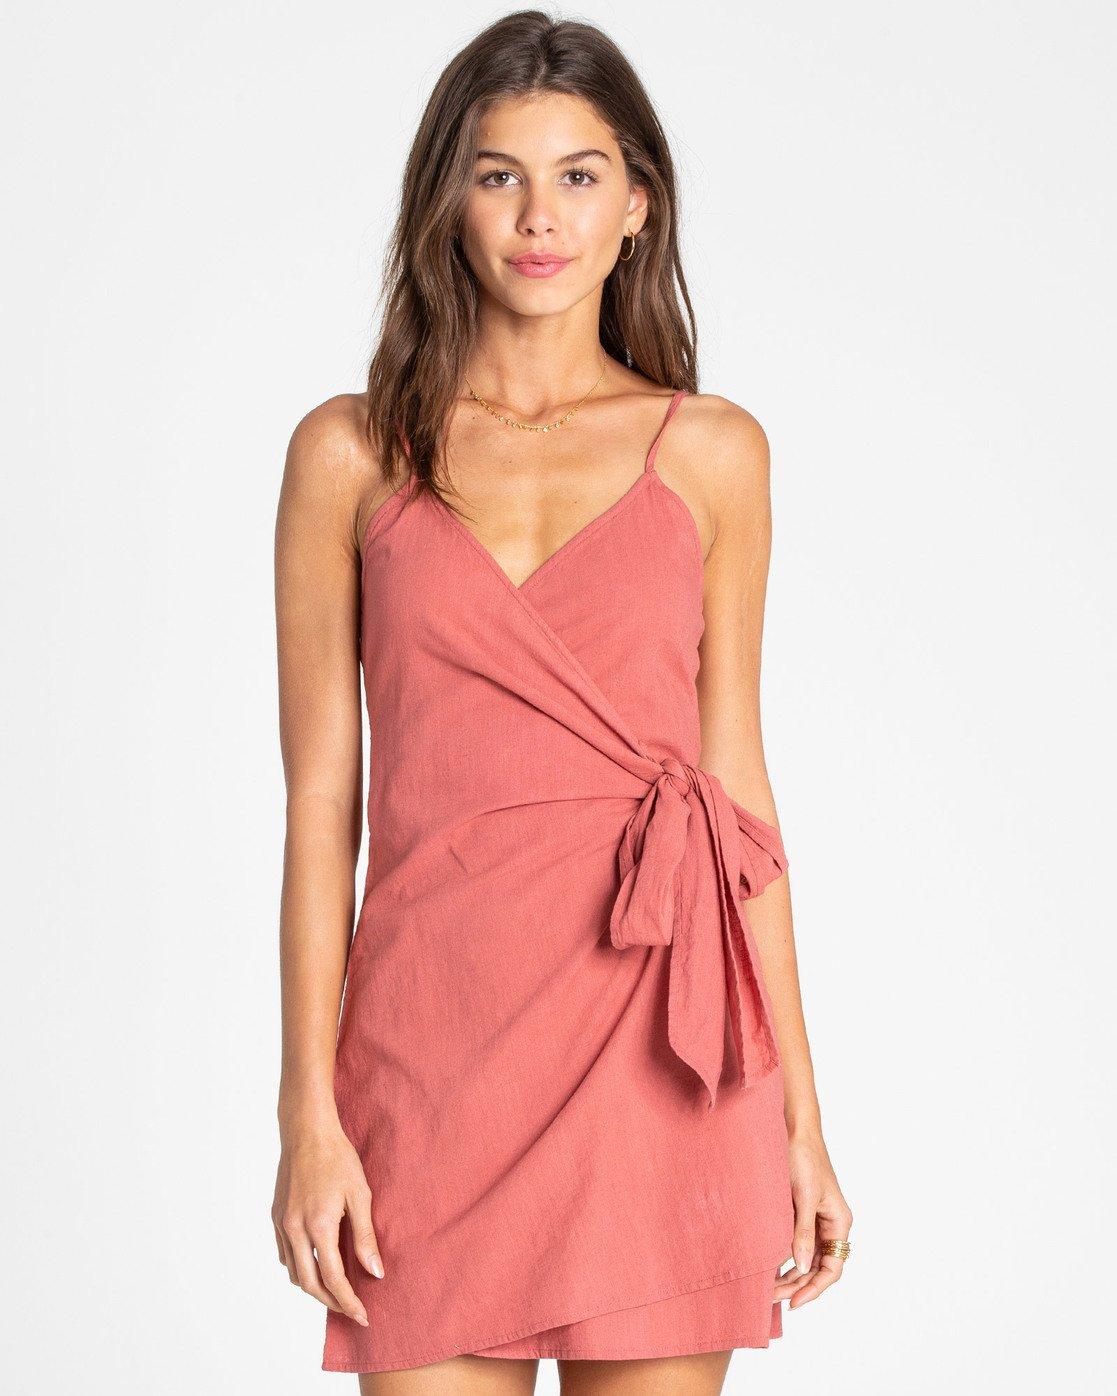 Island wrap dress